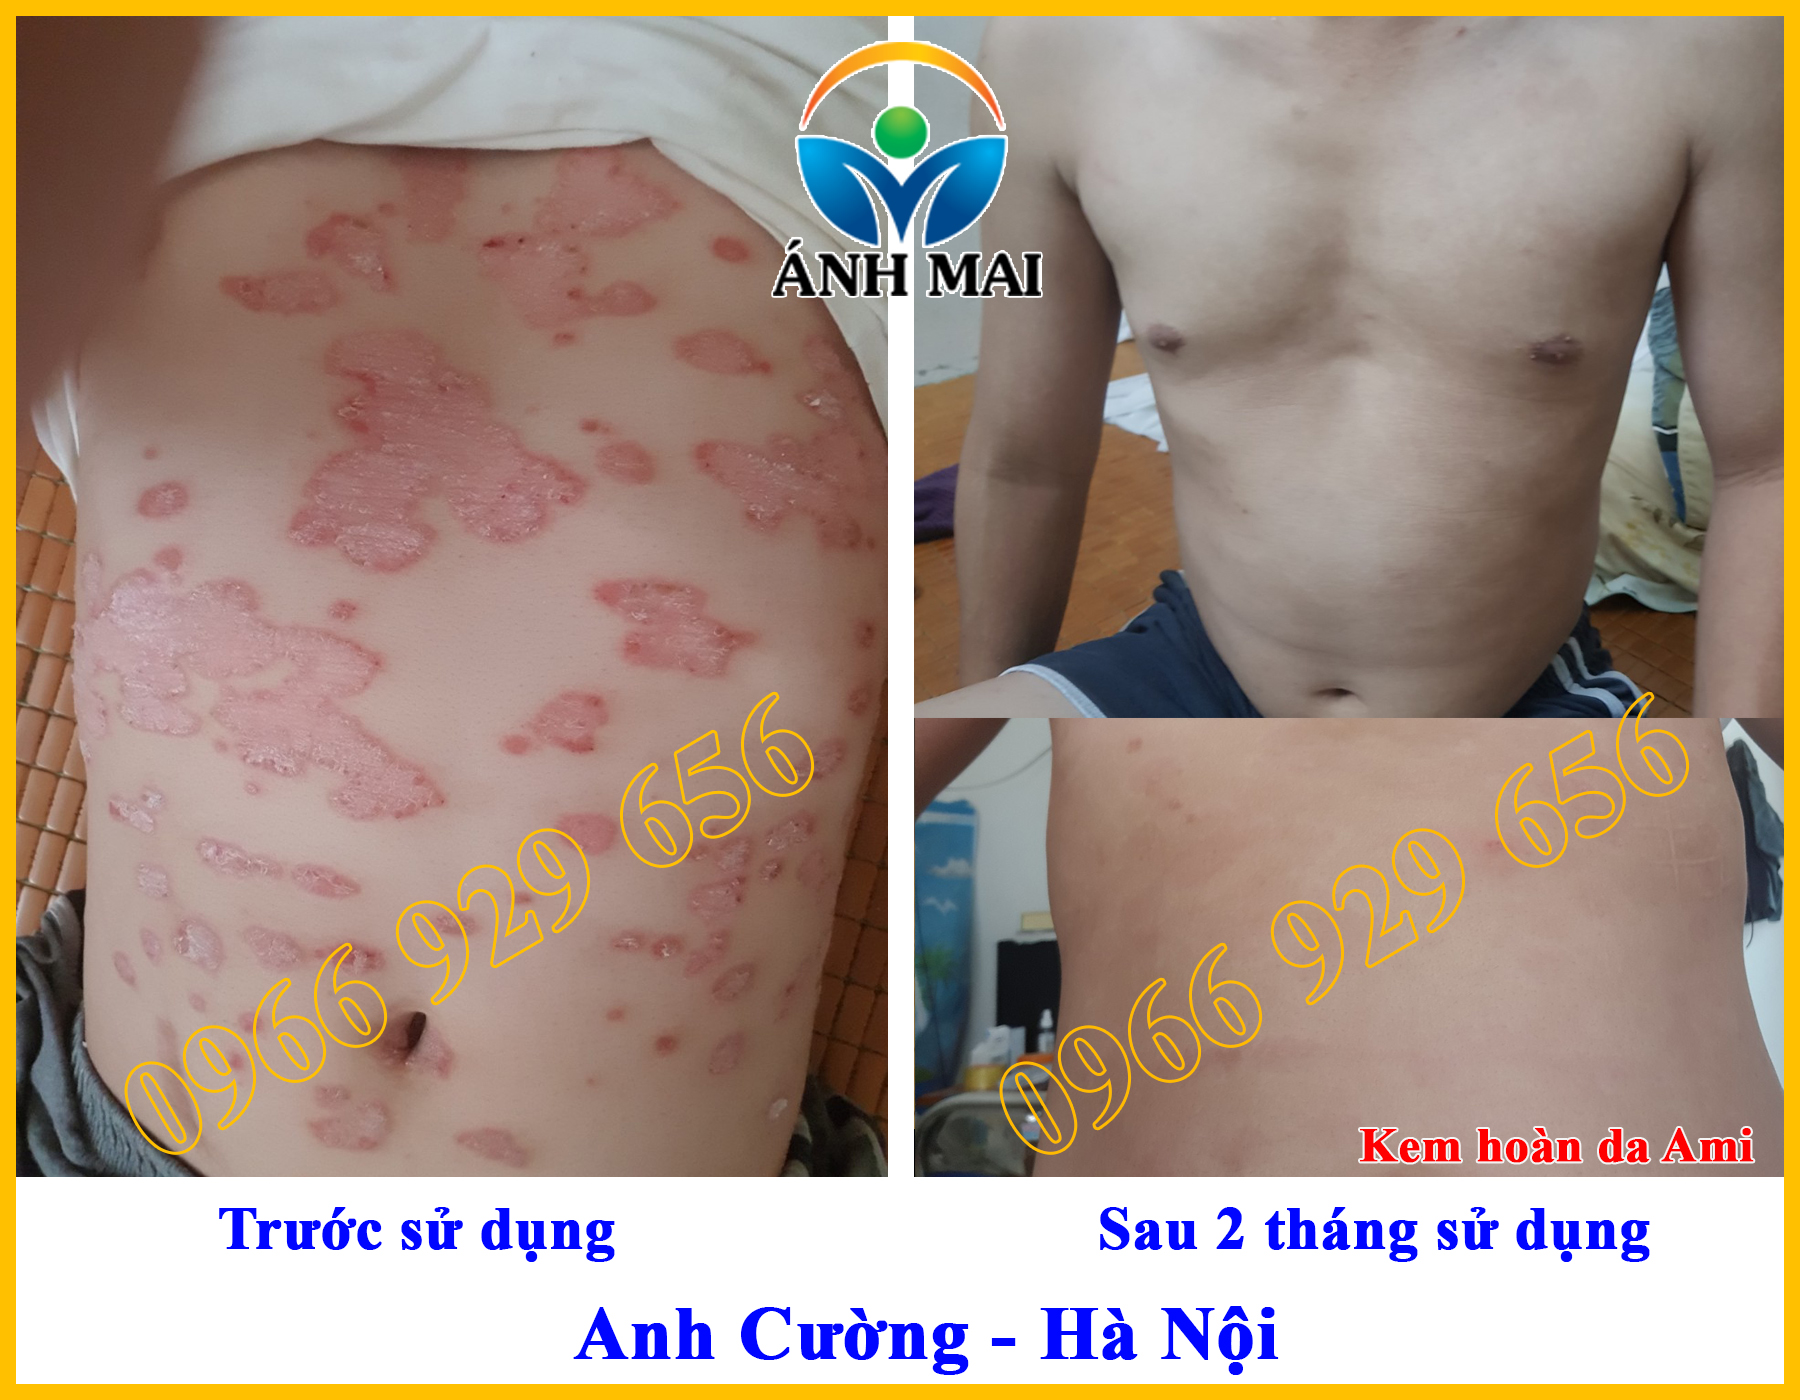 Hình ảnh trước và sau khi sử dụng Kem hoàn da Ami của anh Cường, Hà Nội